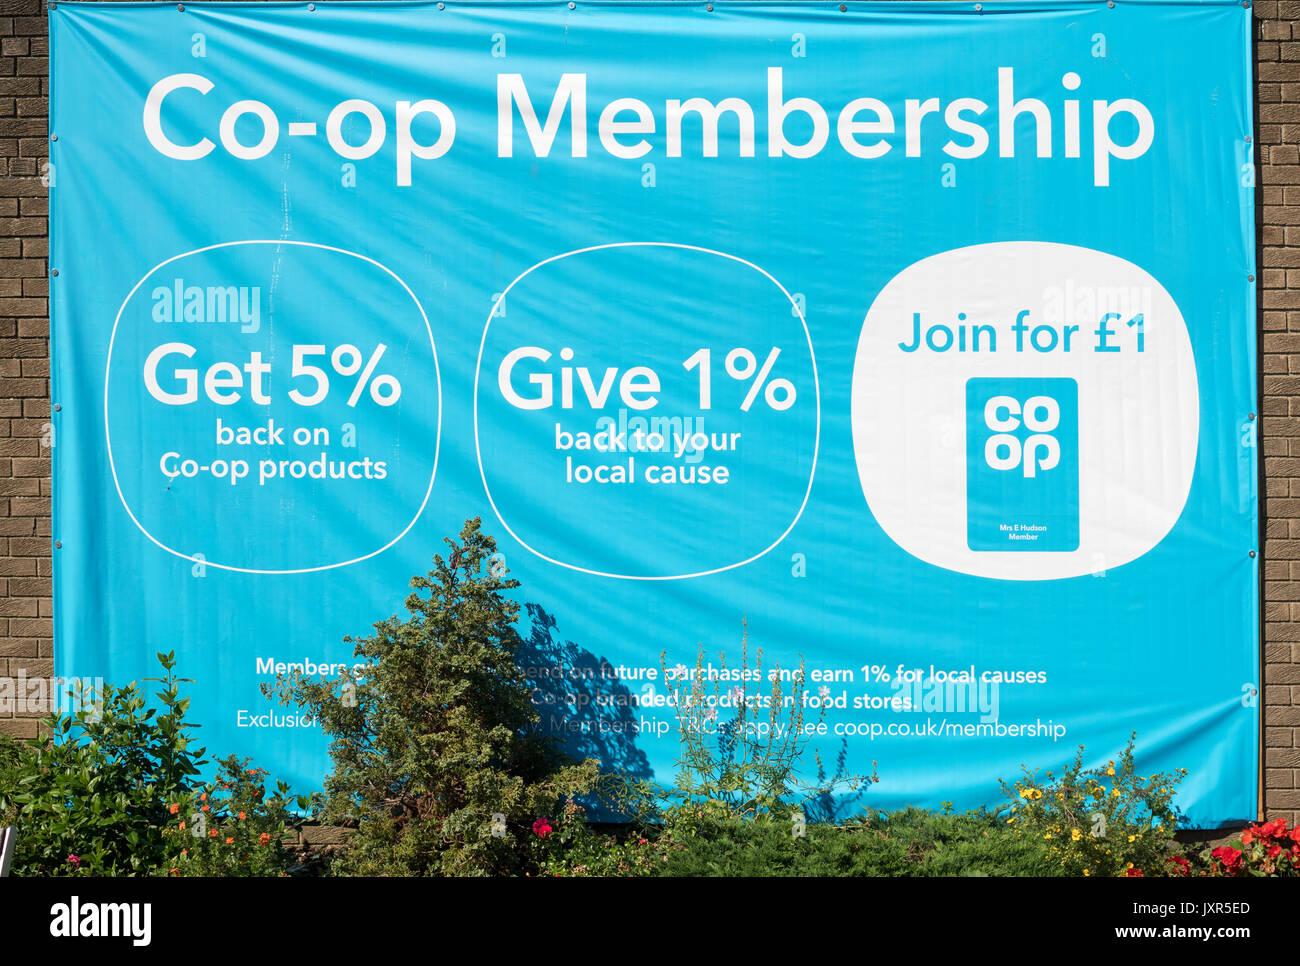 Beneficios de la membresía de Co-op, Inglaterra, Reino Unido. Imagen De Stock